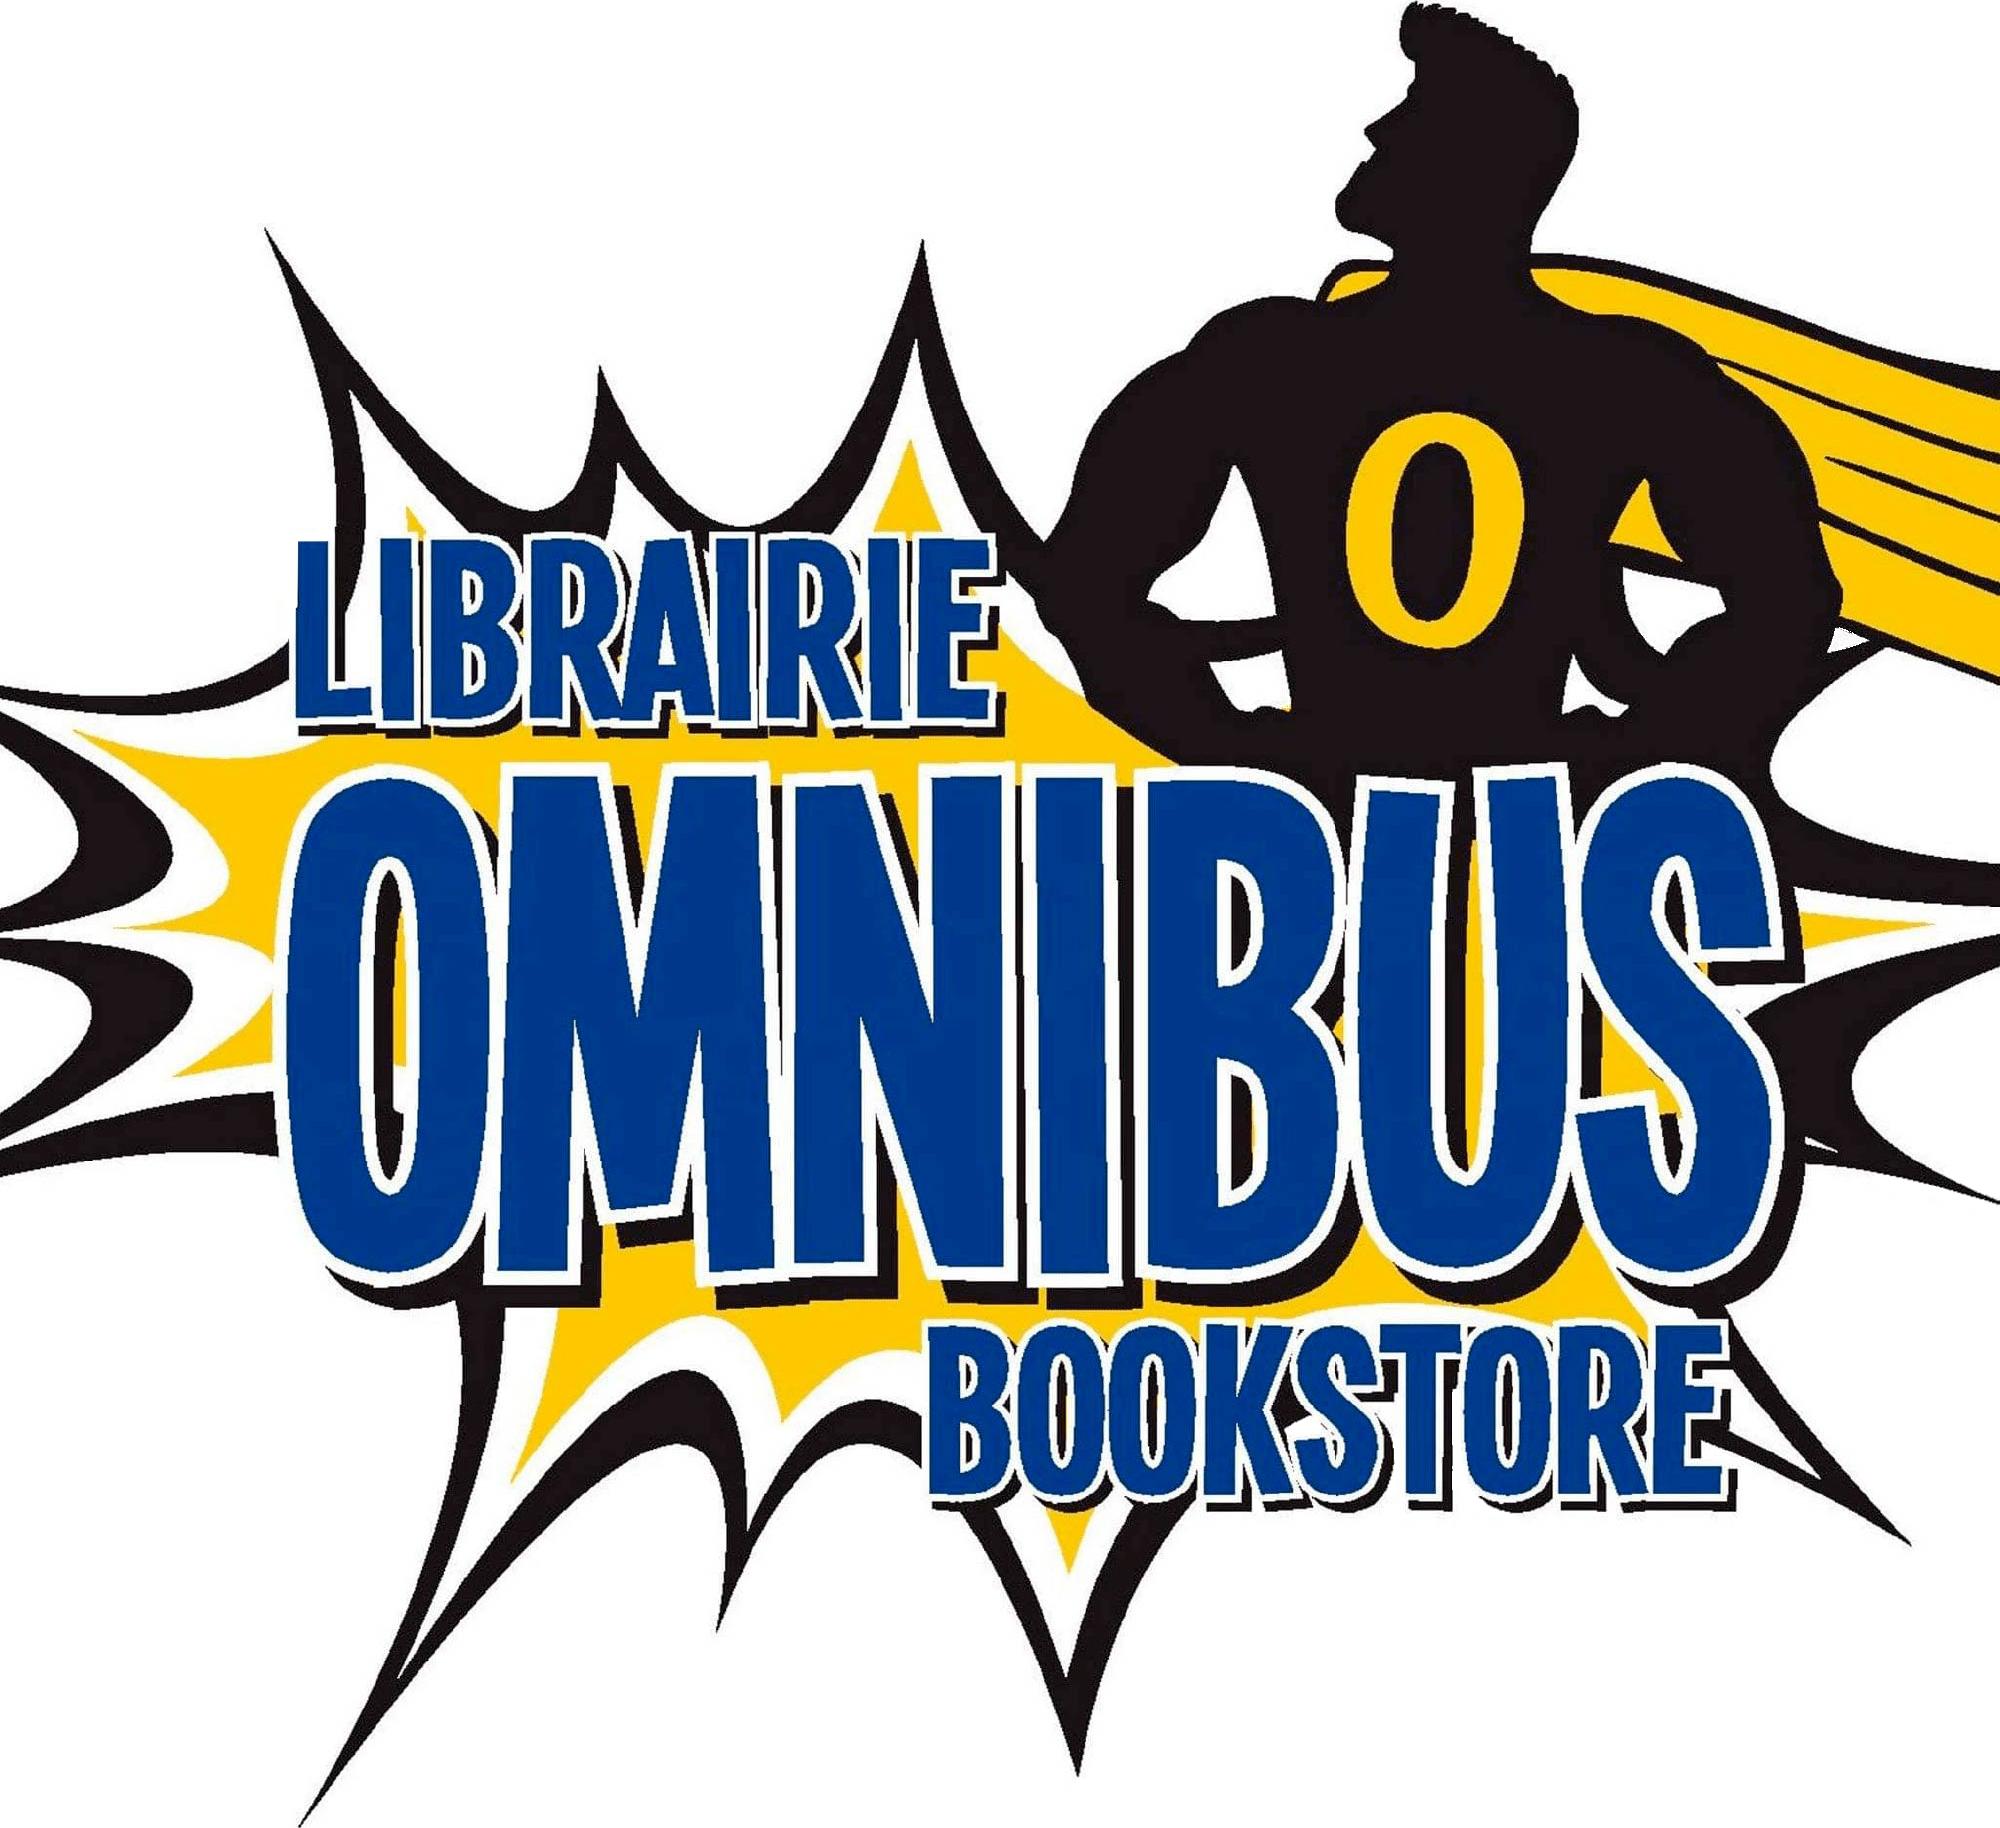 Omnibus bookstore